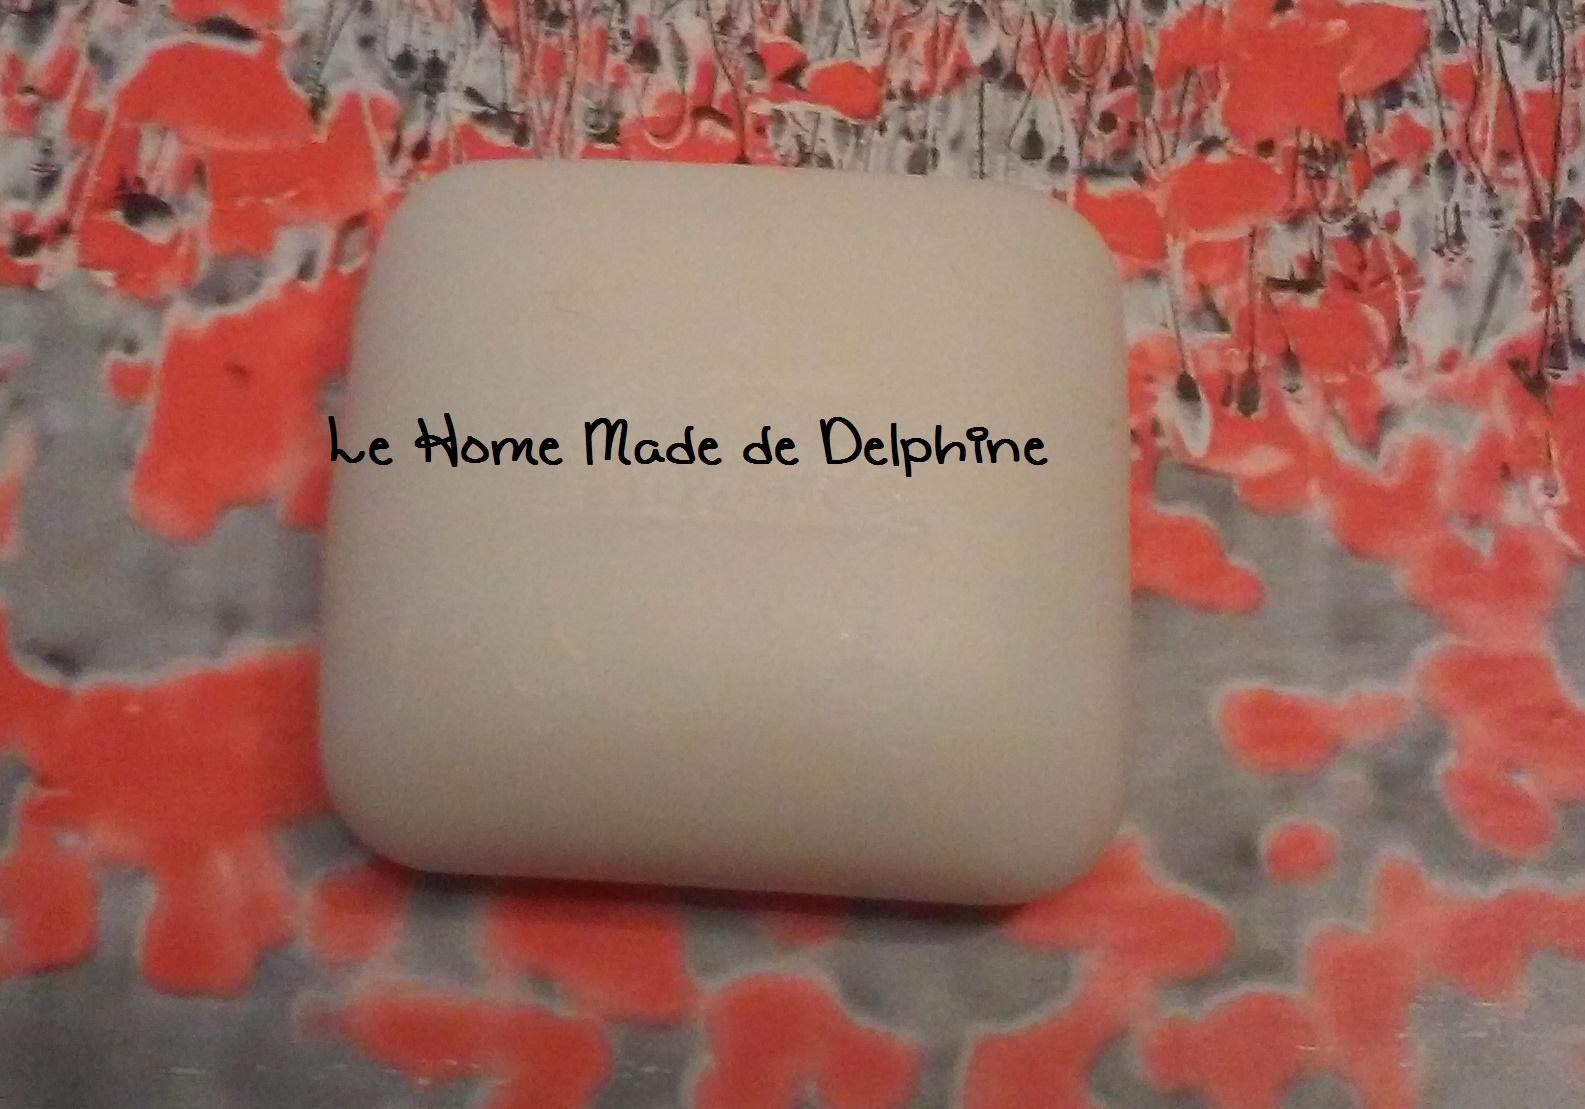 le home made de delphine pain de rasage femme secrets de. Black Bedroom Furniture Sets. Home Design Ideas